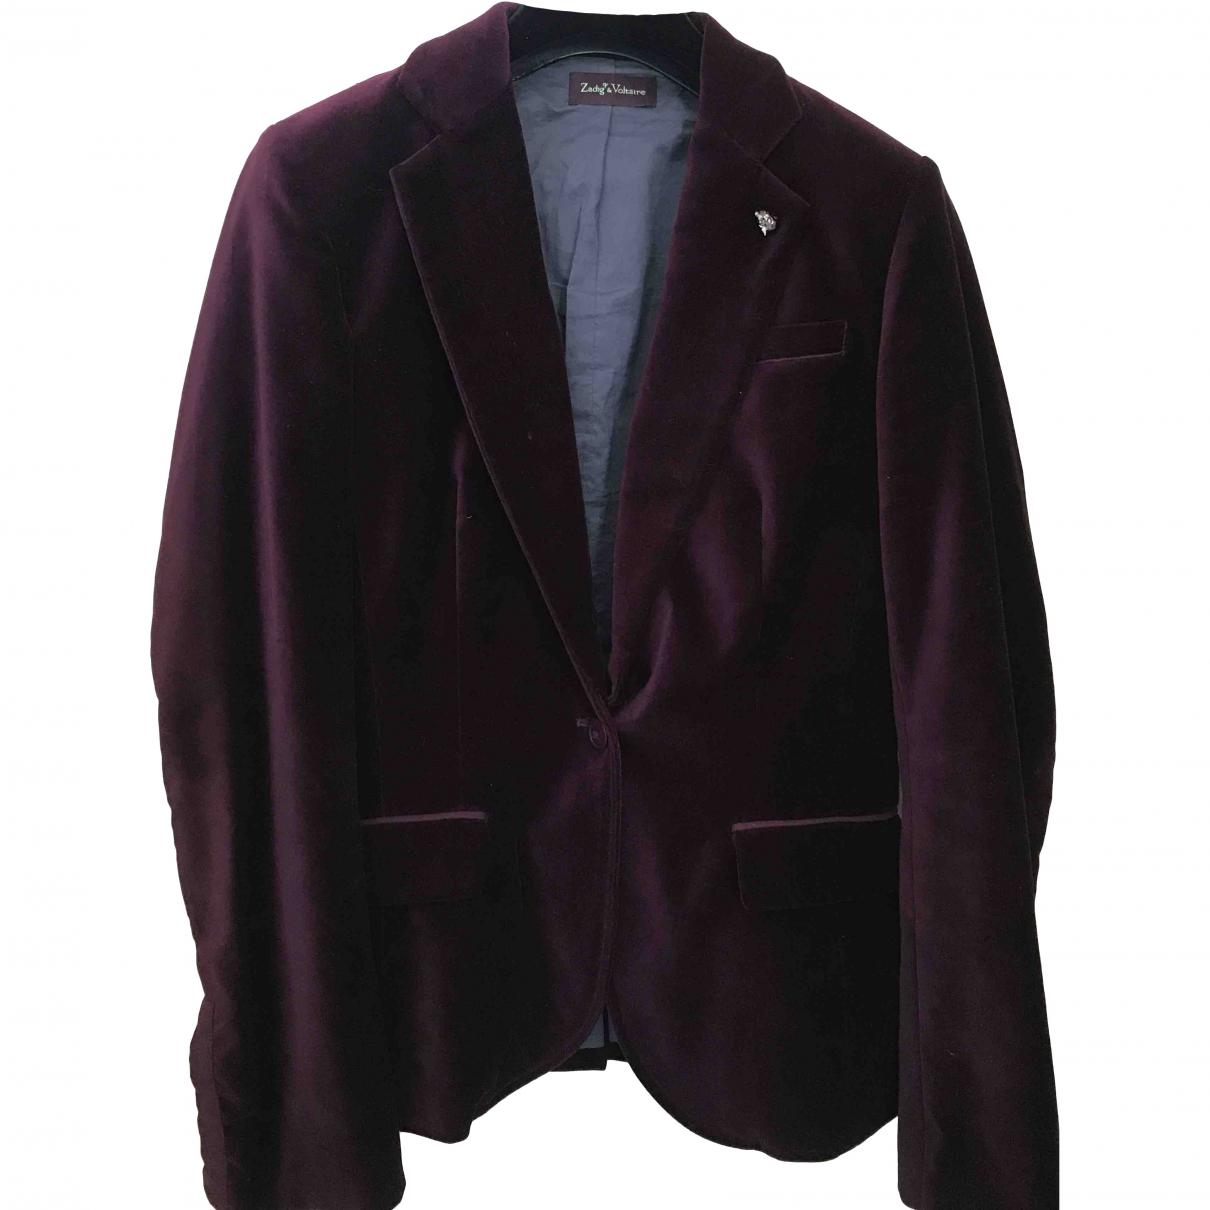 Zadig & Voltaire \N Burgundy Velvet jacket for Women 38 FR